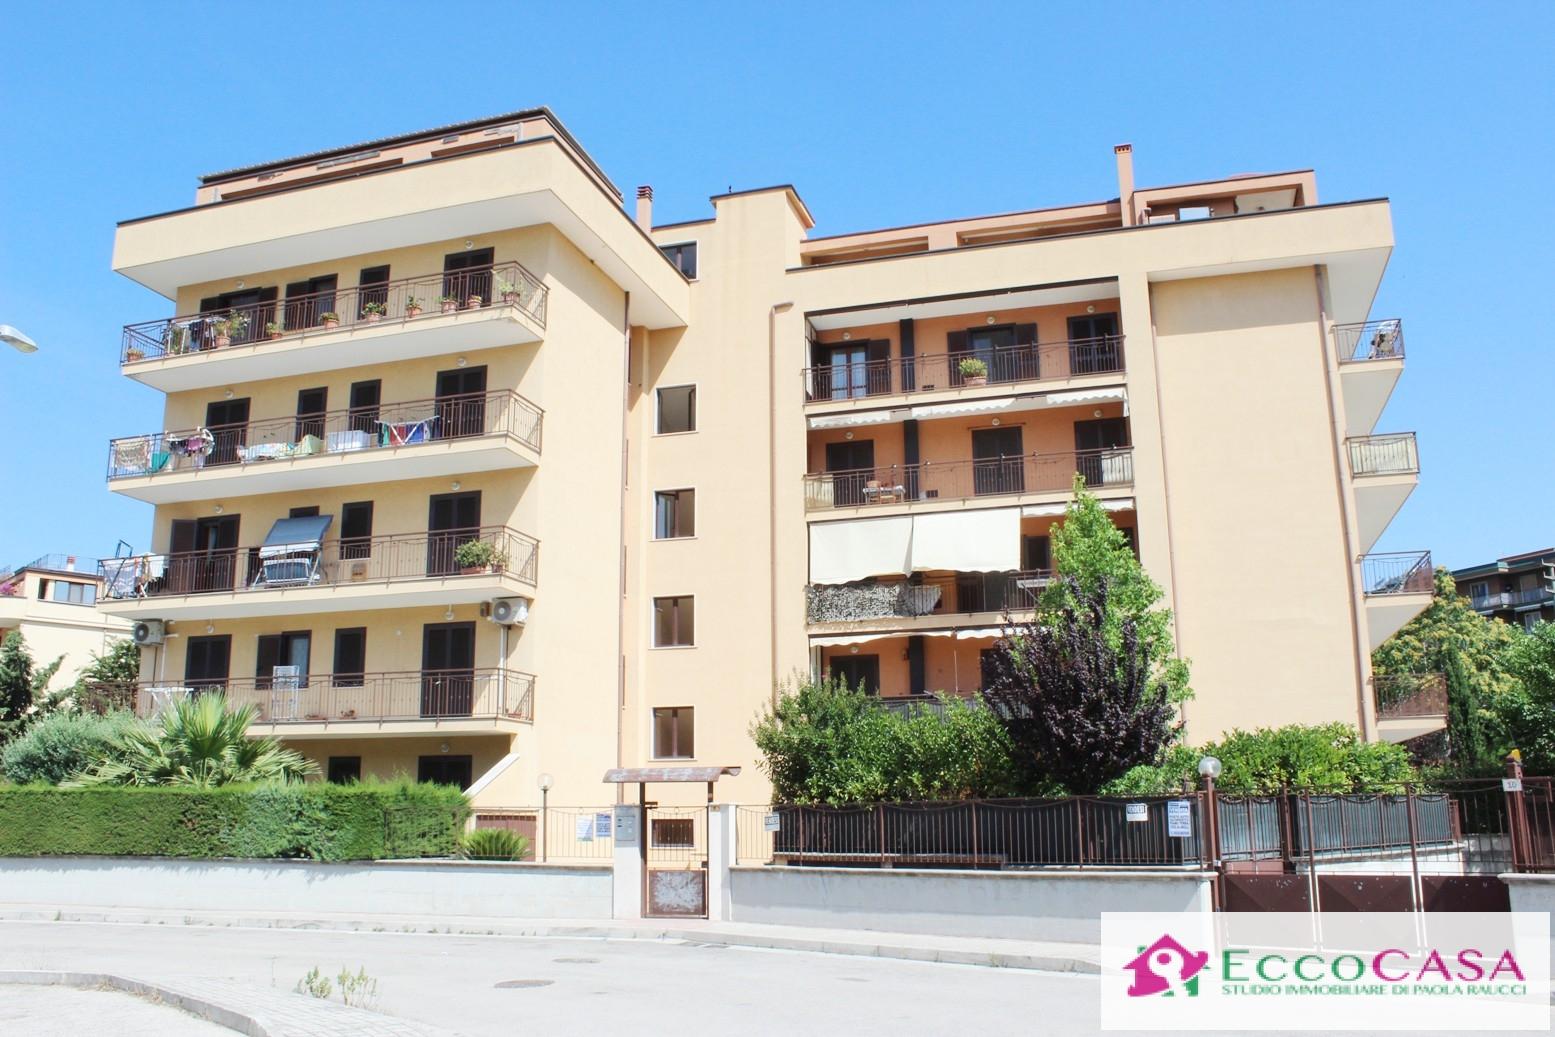 Appartamento in vendita a Maddaloni, 4 locali, prezzo € 175.000 | CambioCasa.it